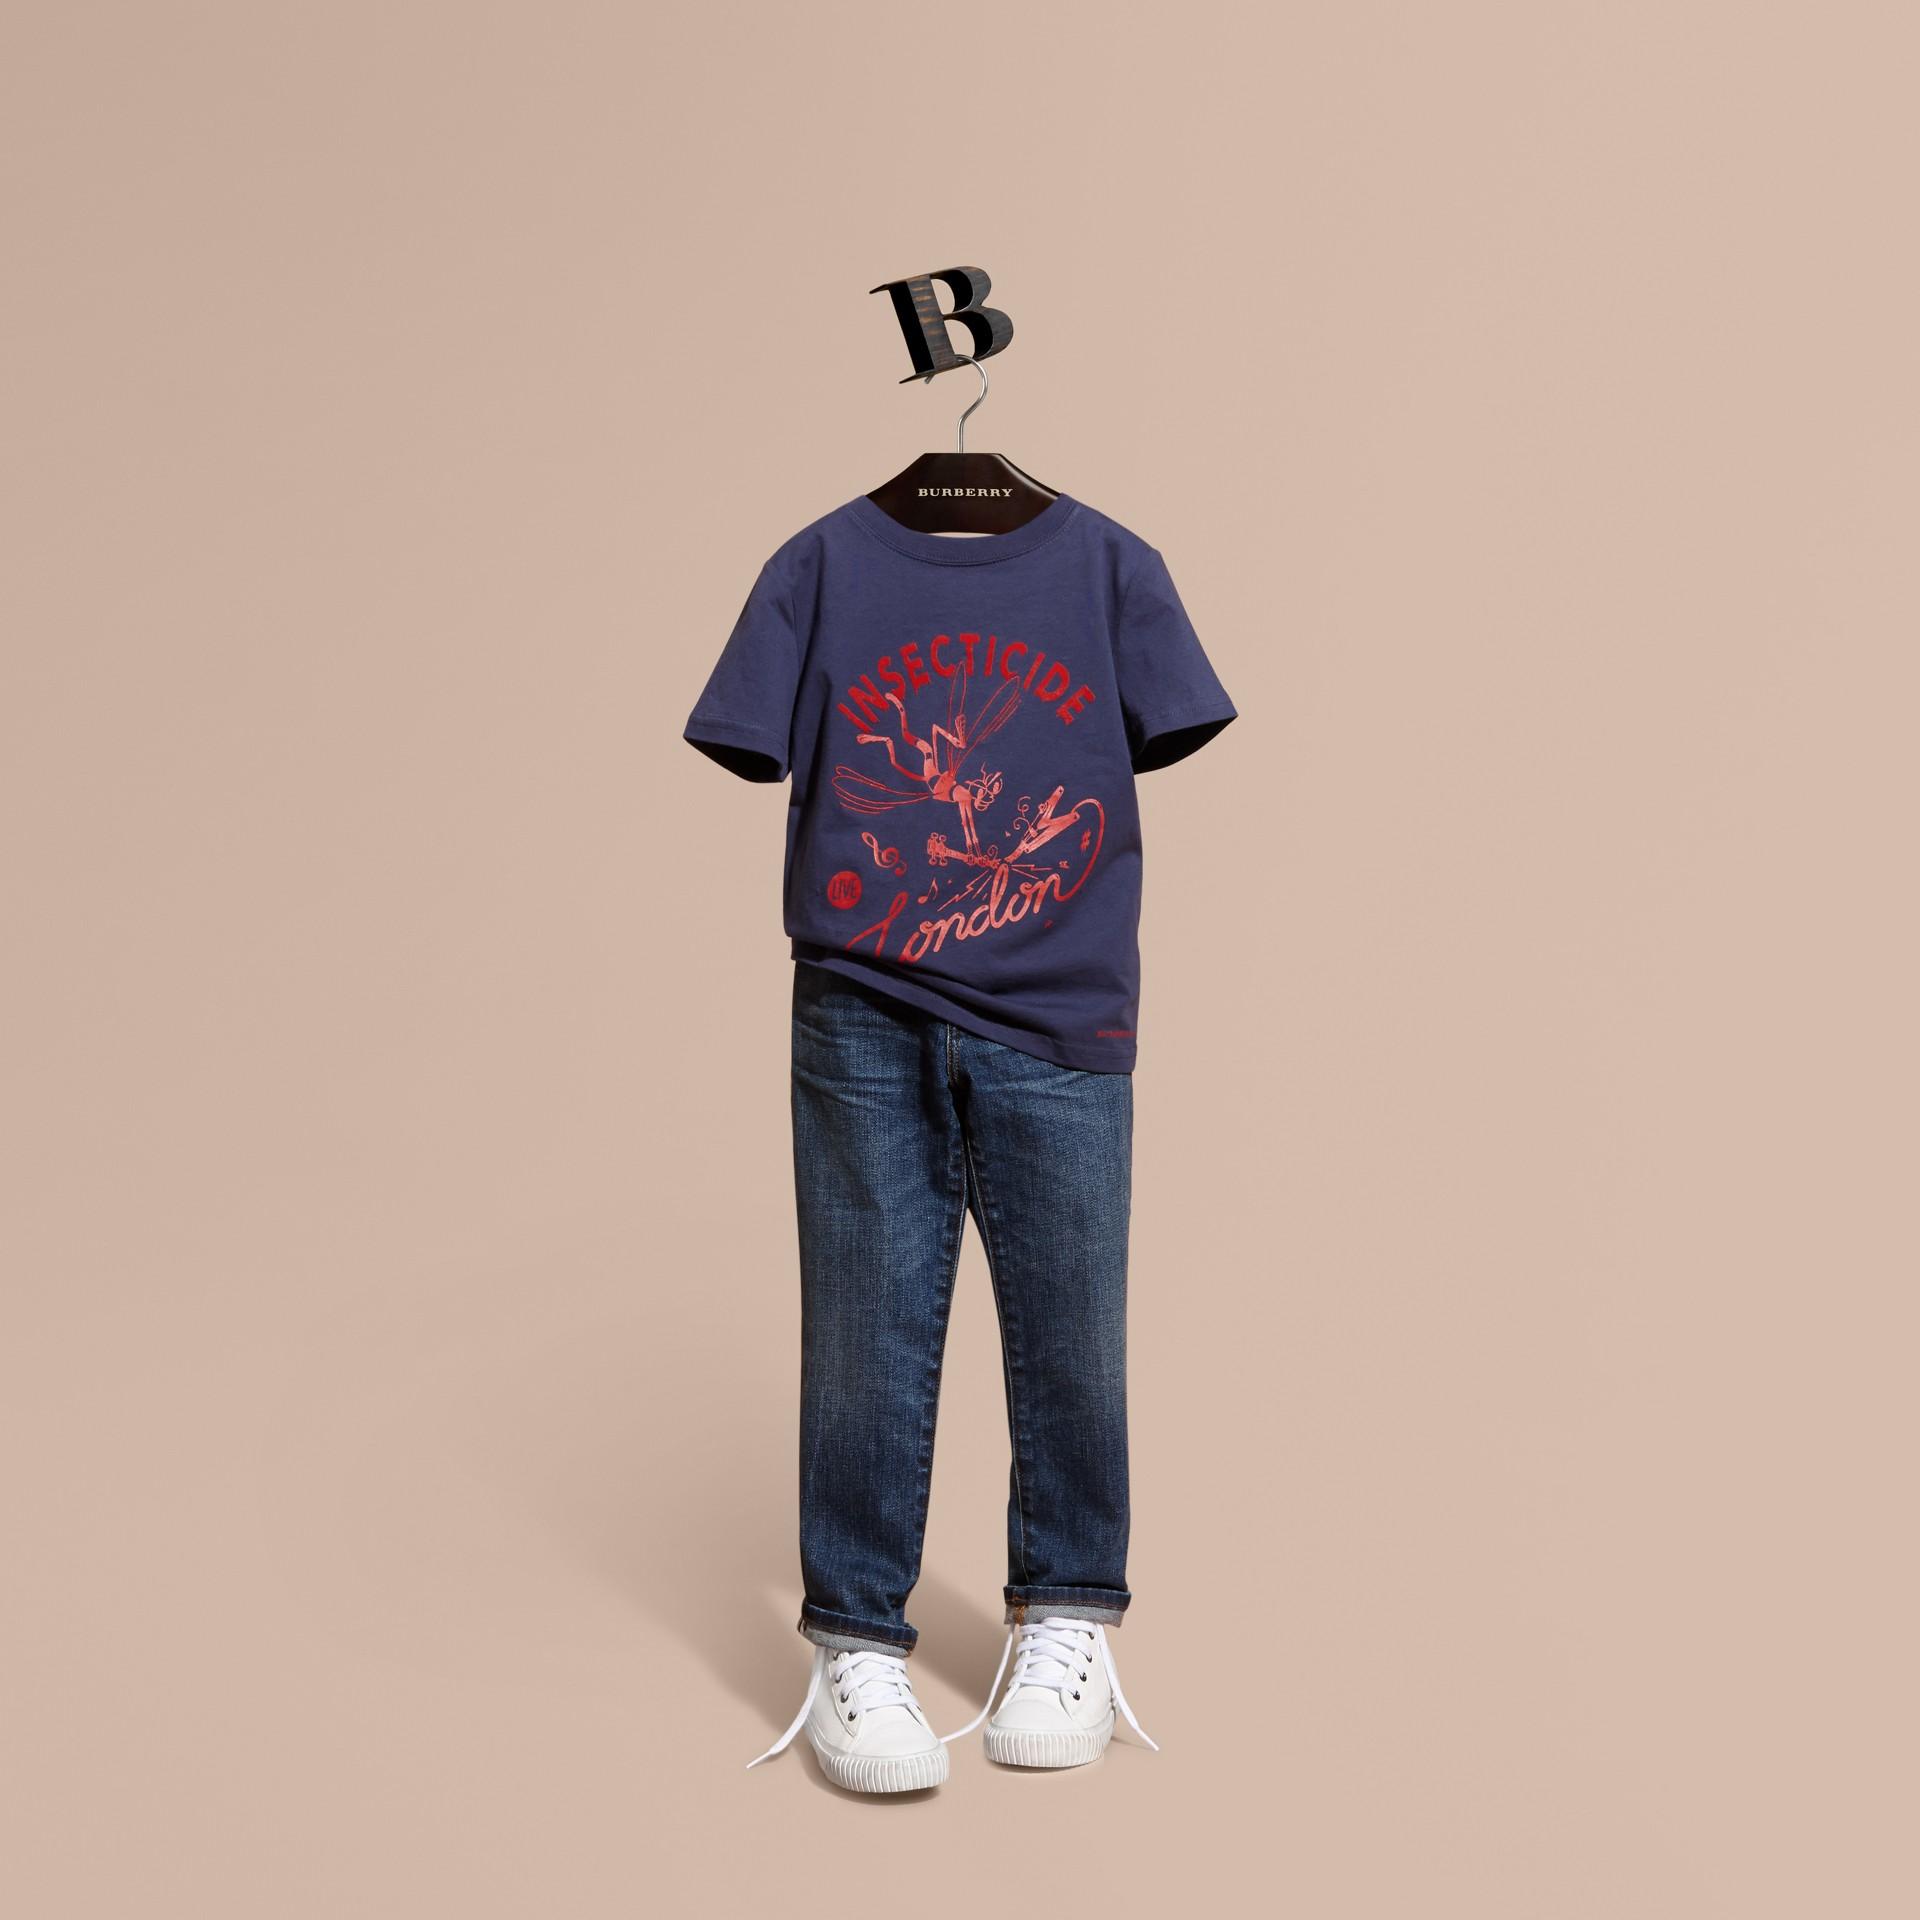 Indigo Baumwoll-T-Shirt mit verspieltem Druckmotiv - Galerie-Bild 1